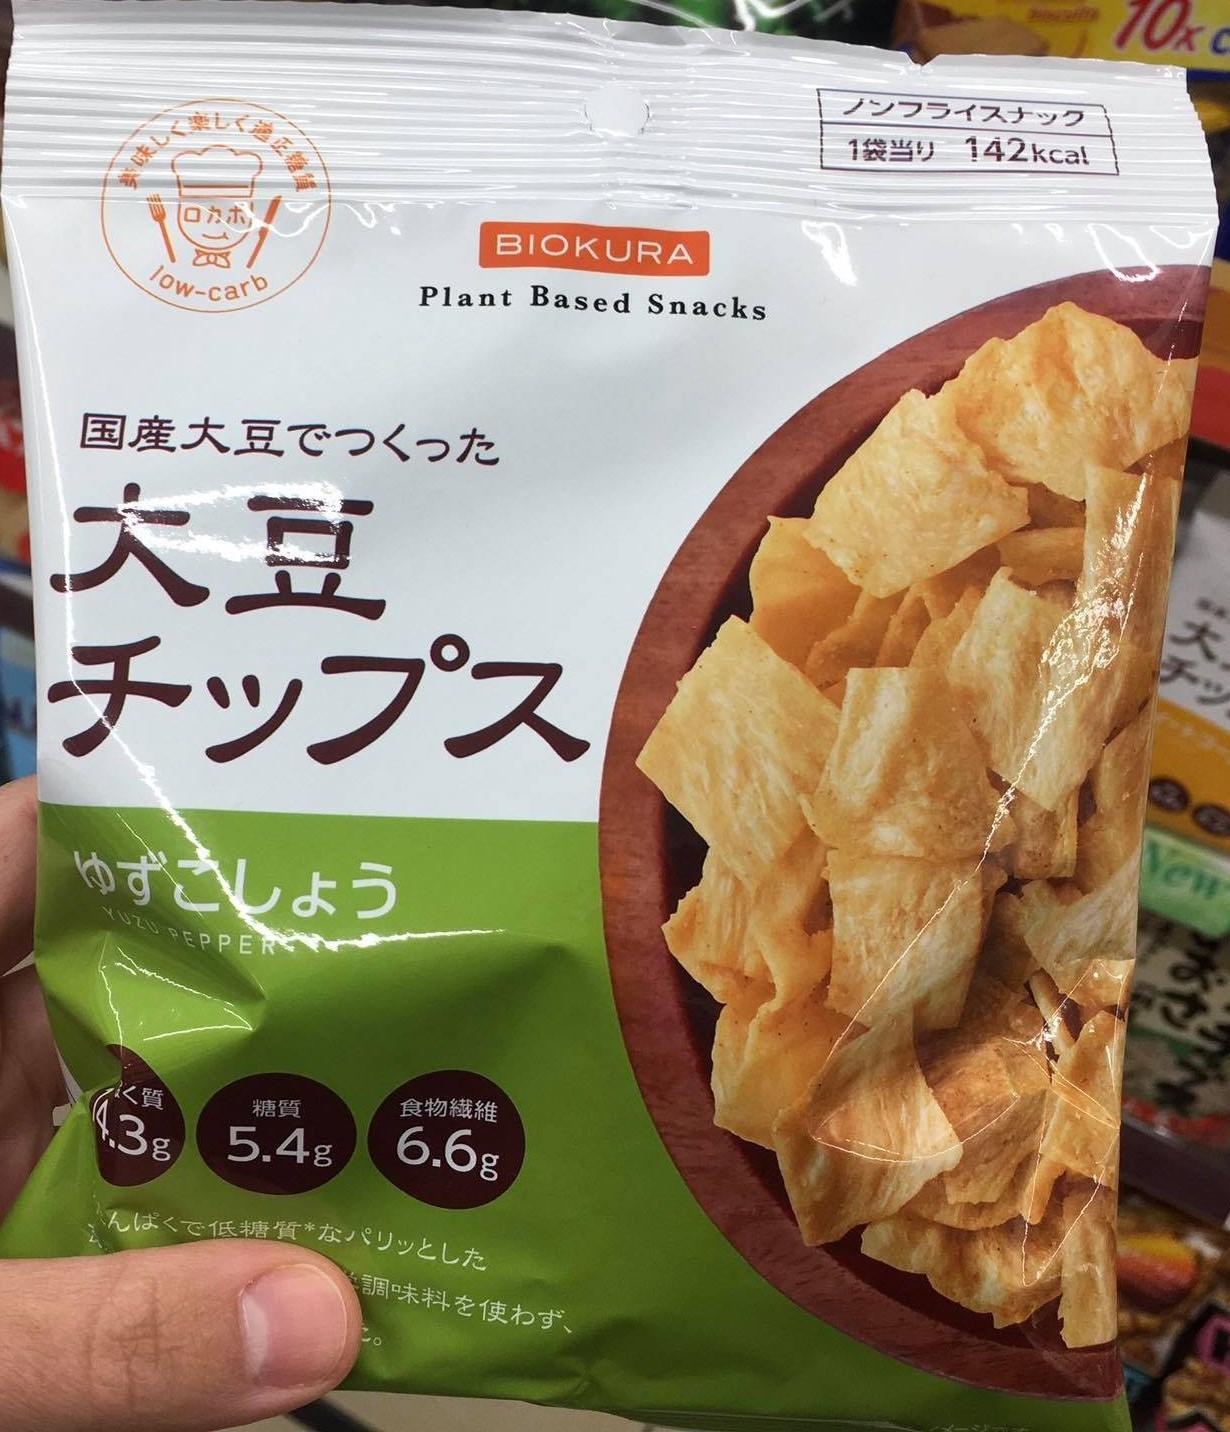 Biokura Soybean Chips Yuzu Pepper